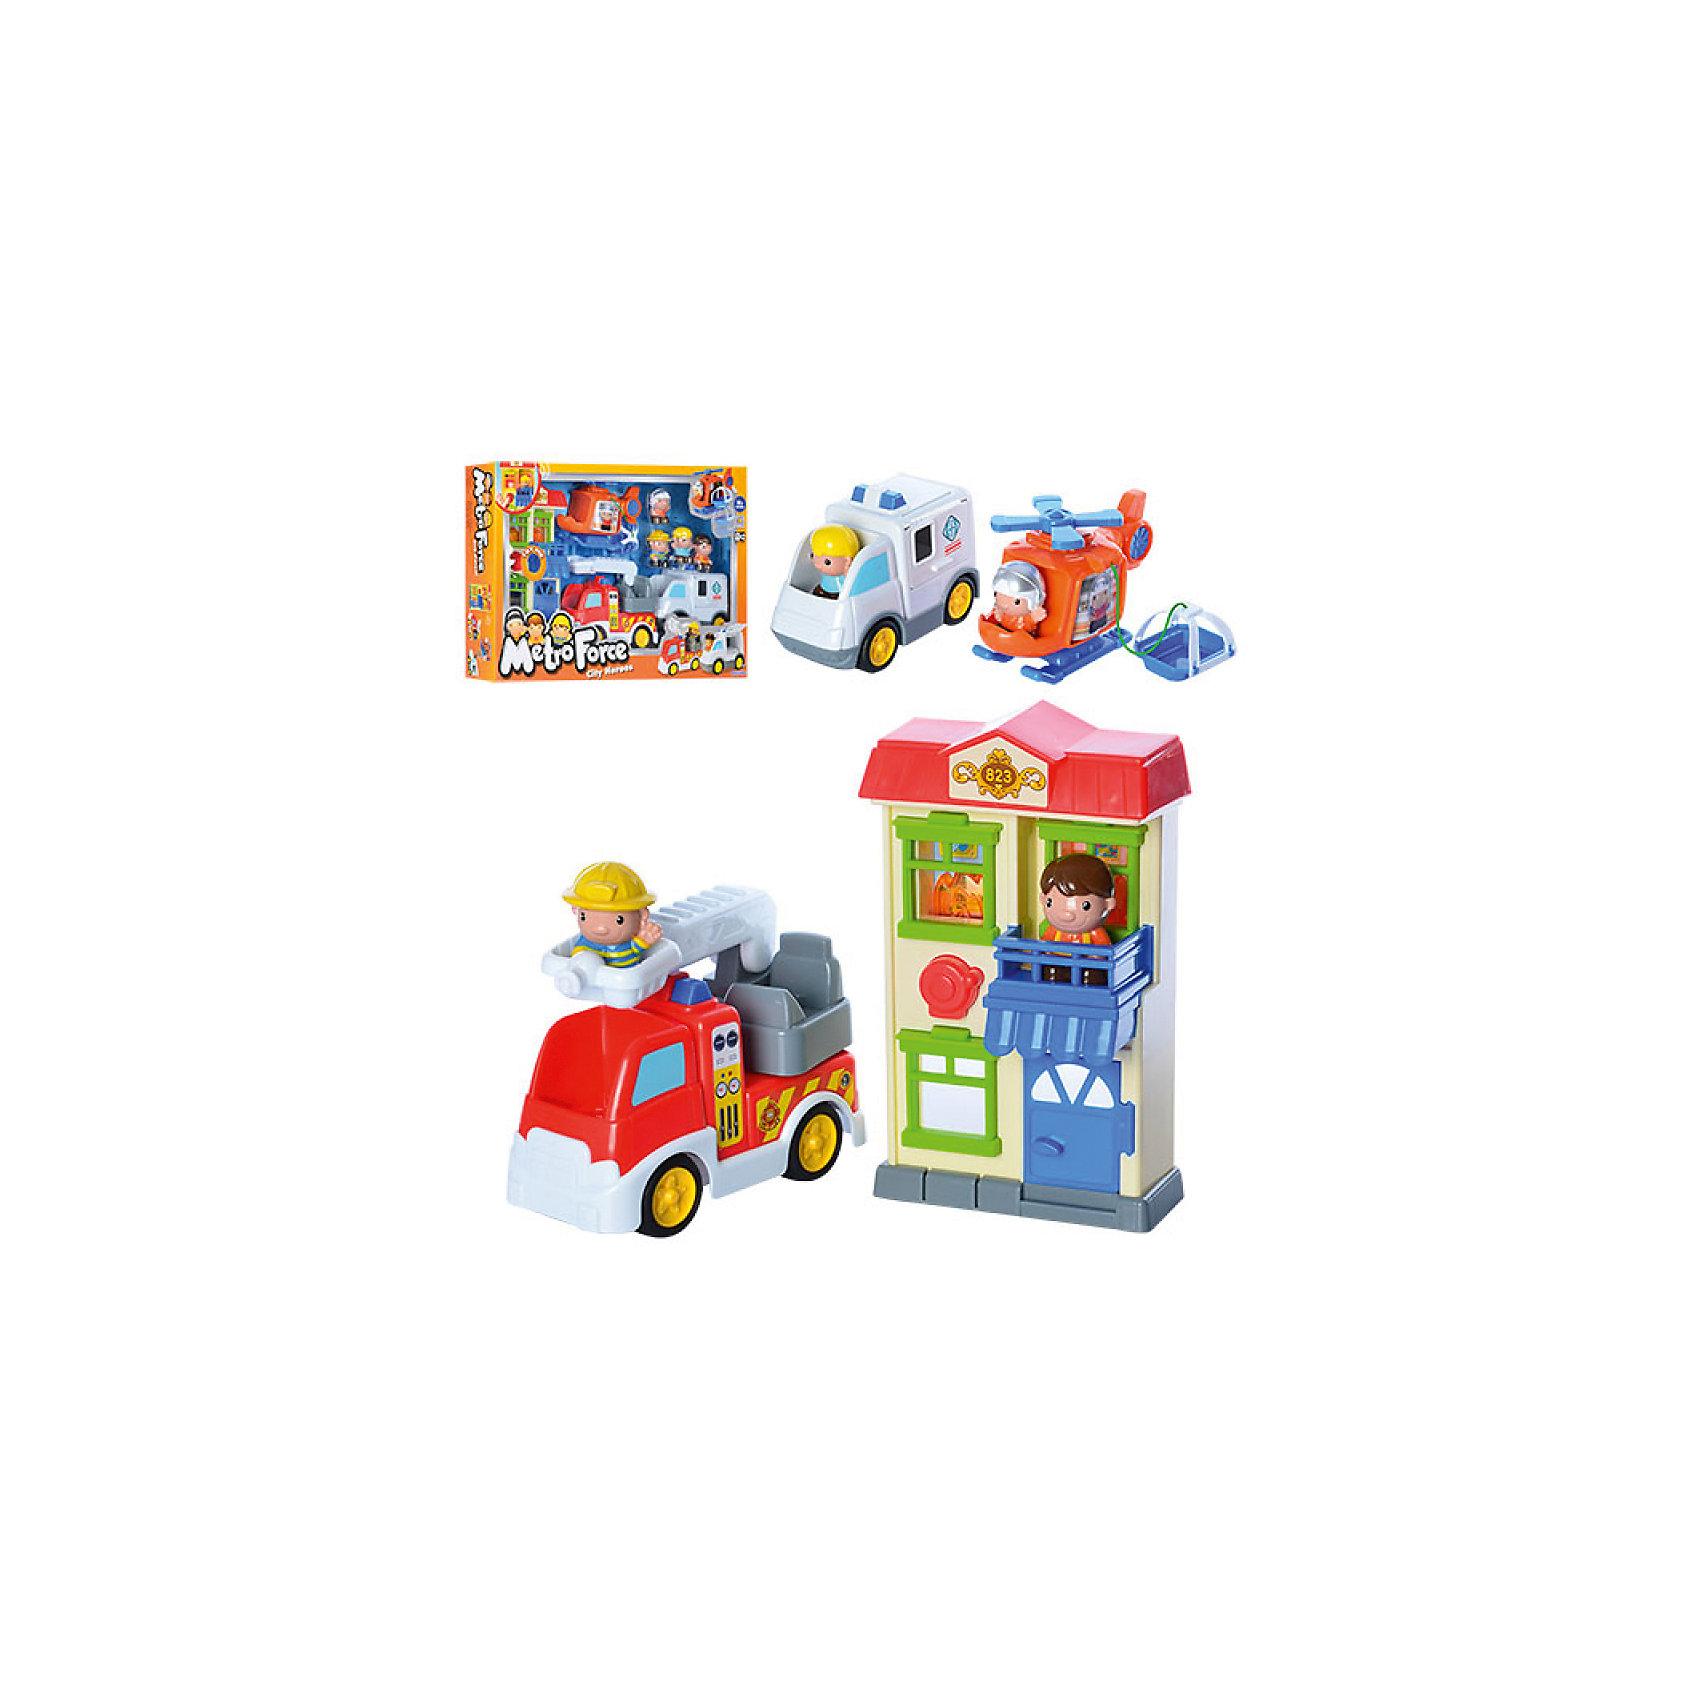 Игровой набор Keenway Спасатели 911Машинки и транспорт для малышей<br><br><br>Ширина мм: 622<br>Глубина мм: 108<br>Высота мм: 394<br>Вес г: 2307<br>Возраст от месяцев: 12<br>Возраст до месяцев: 36<br>Пол: Унисекс<br>Возраст: Детский<br>SKU: 7065786